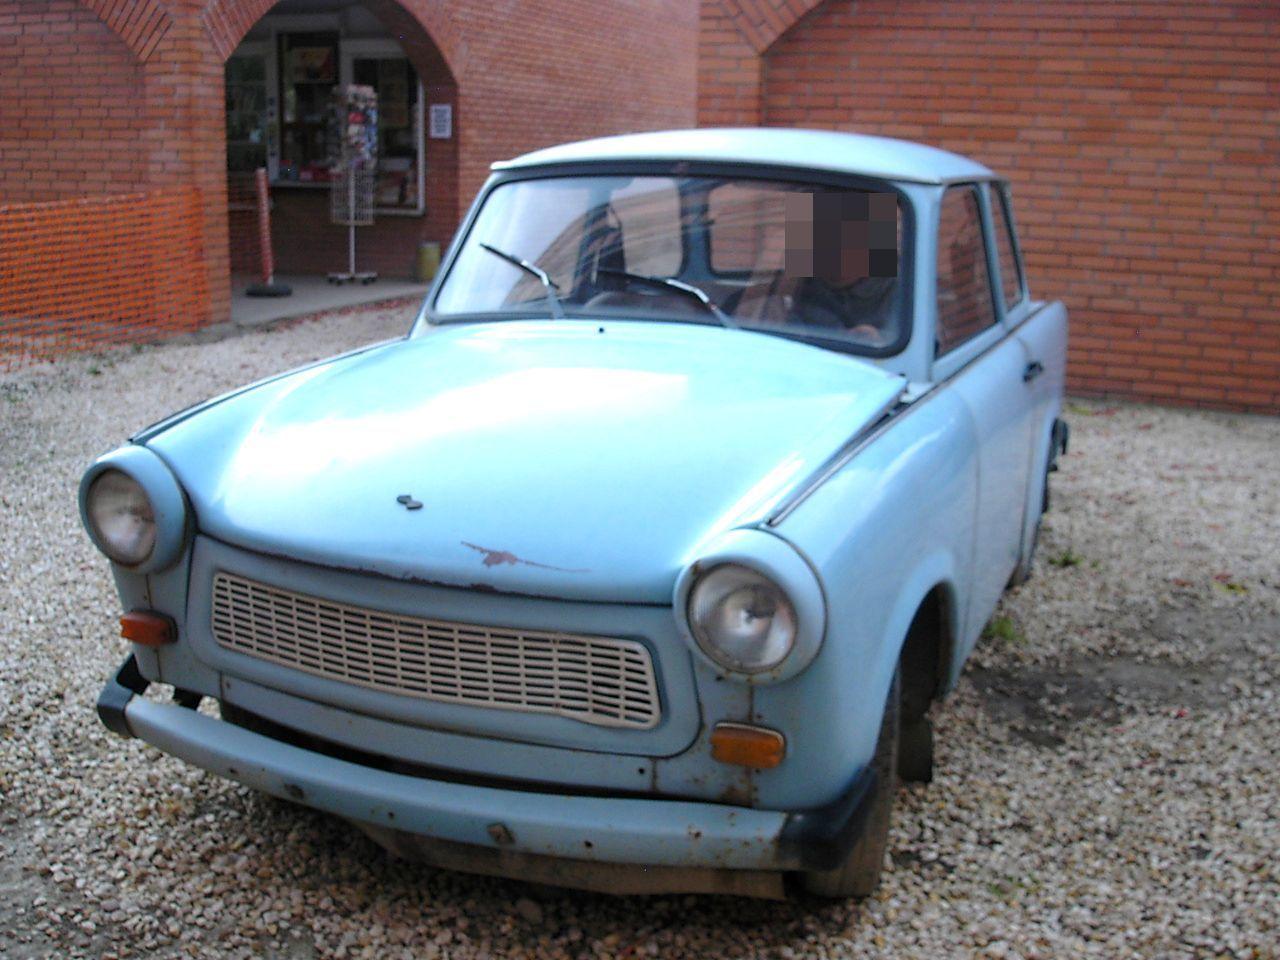 段ボールでできた車?旧東ドイツの国民車「トラバント」